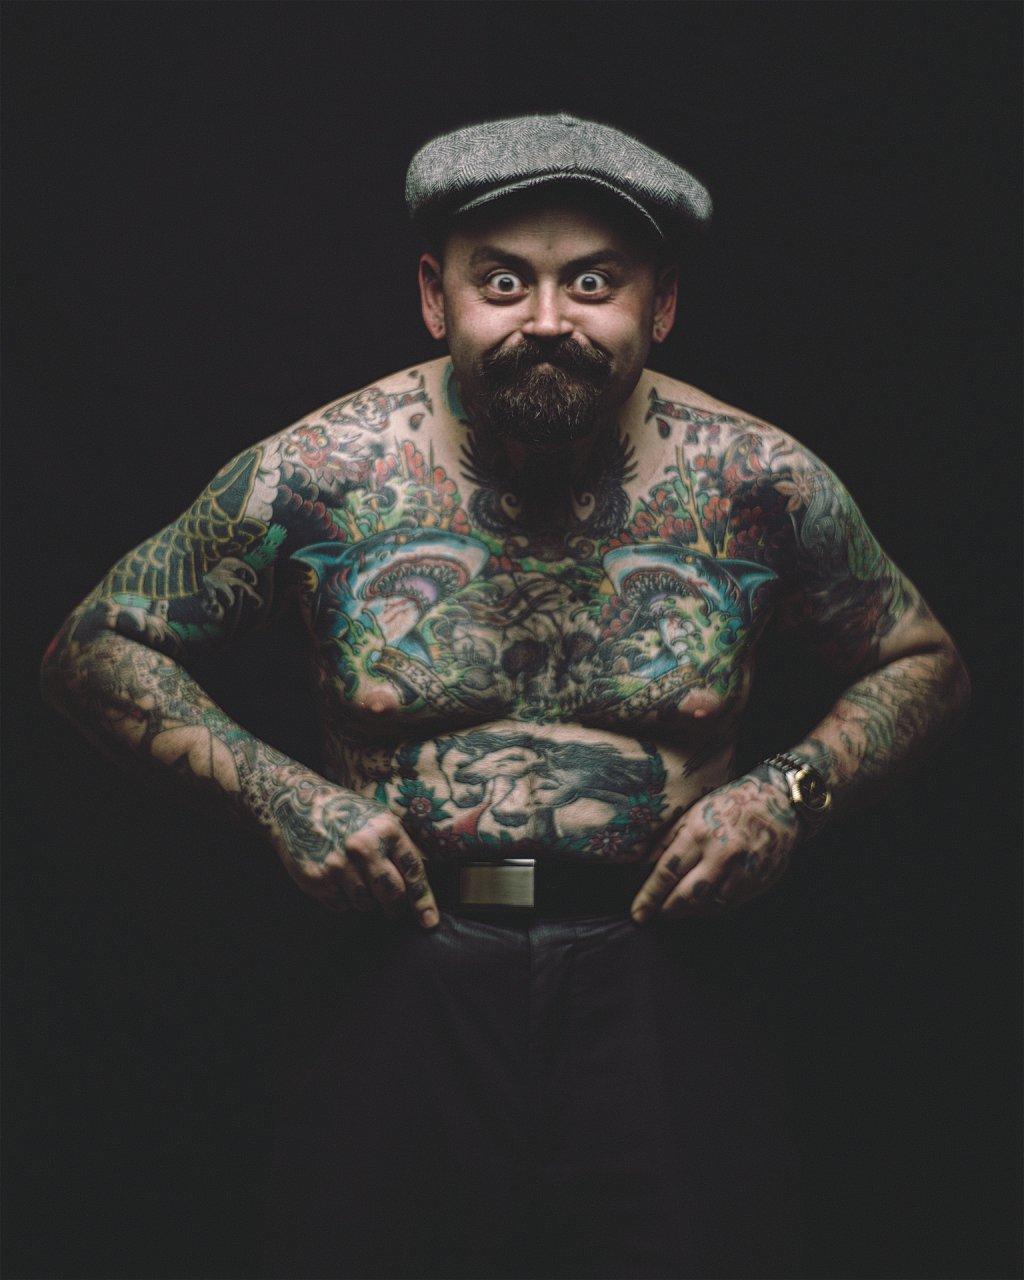 Tattoo-Portrait-_MWS8293v2-1024x1280.jpg